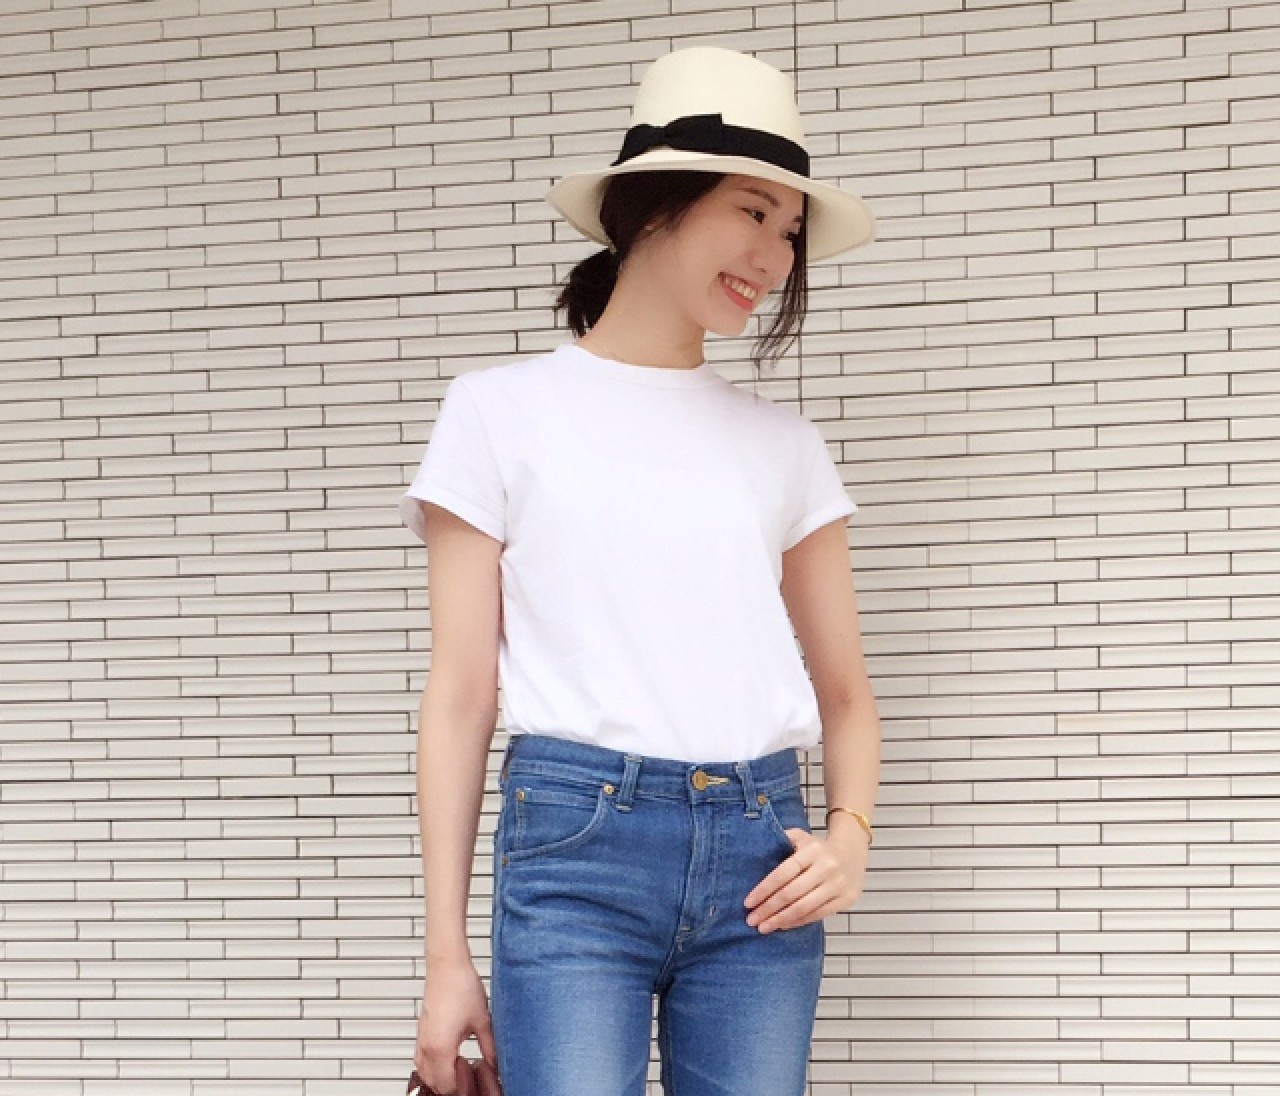 【スナップ】Tシャツ&デニムに夏小物でこなれコーデへ昇華